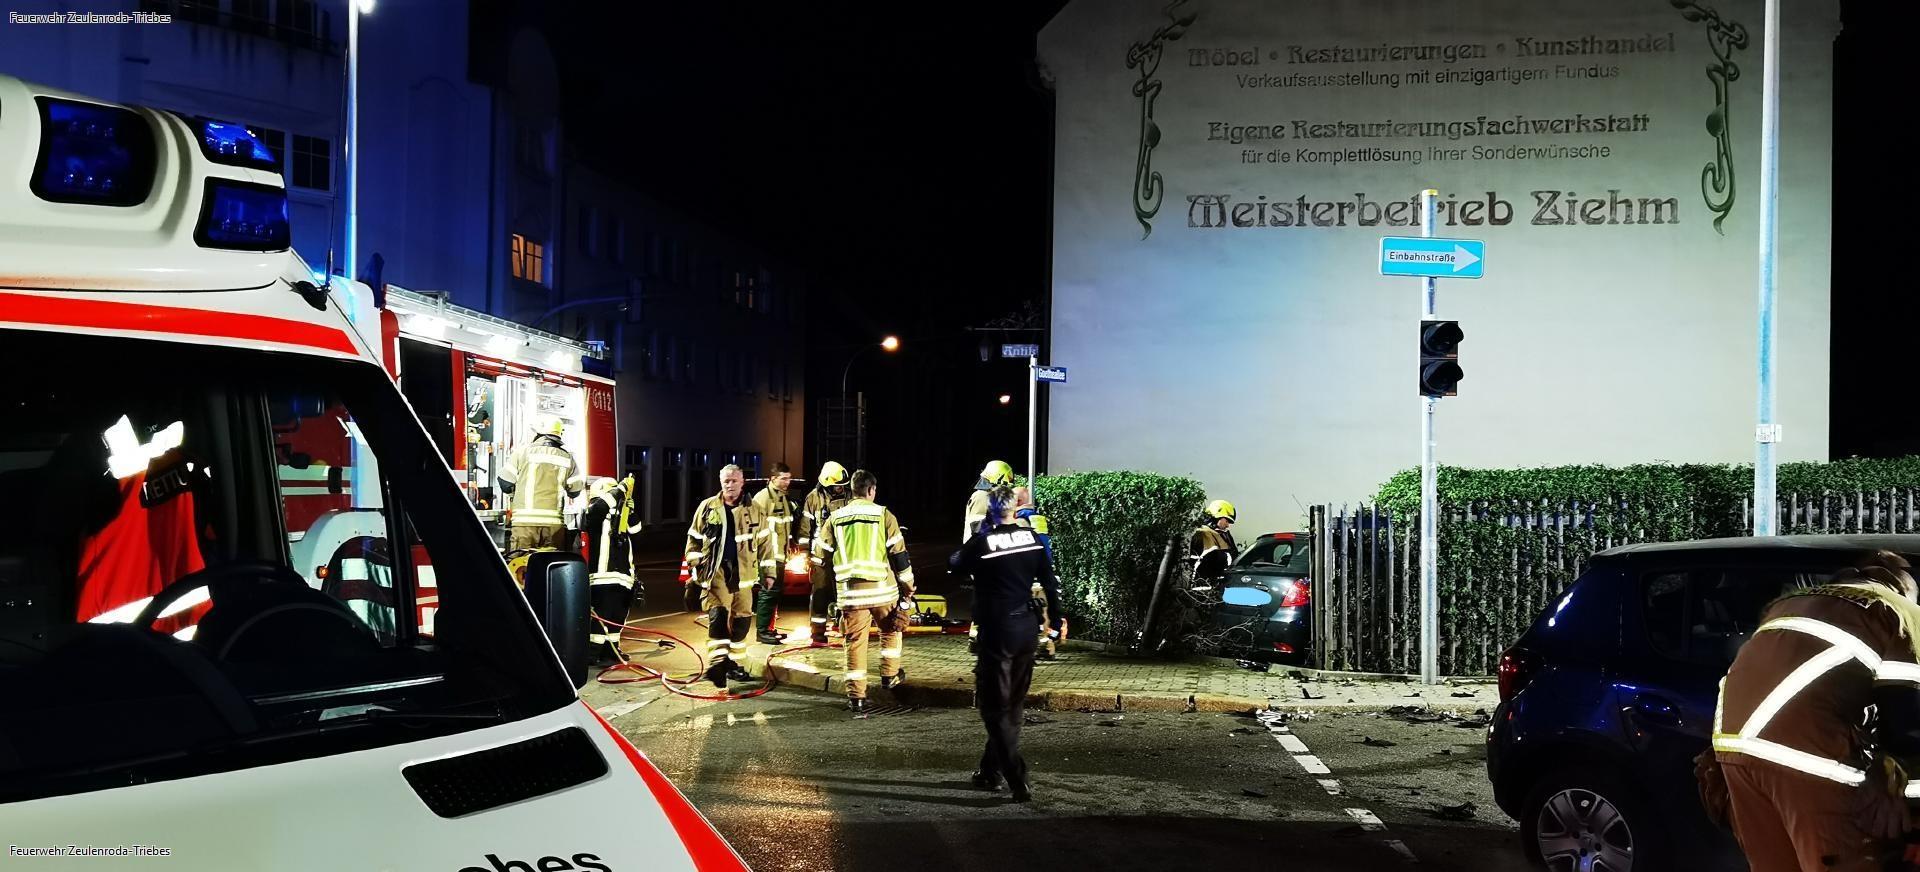 Verkehrsunfall in Zeulenroda: Feuerwehr befreit eingeklemmte Person